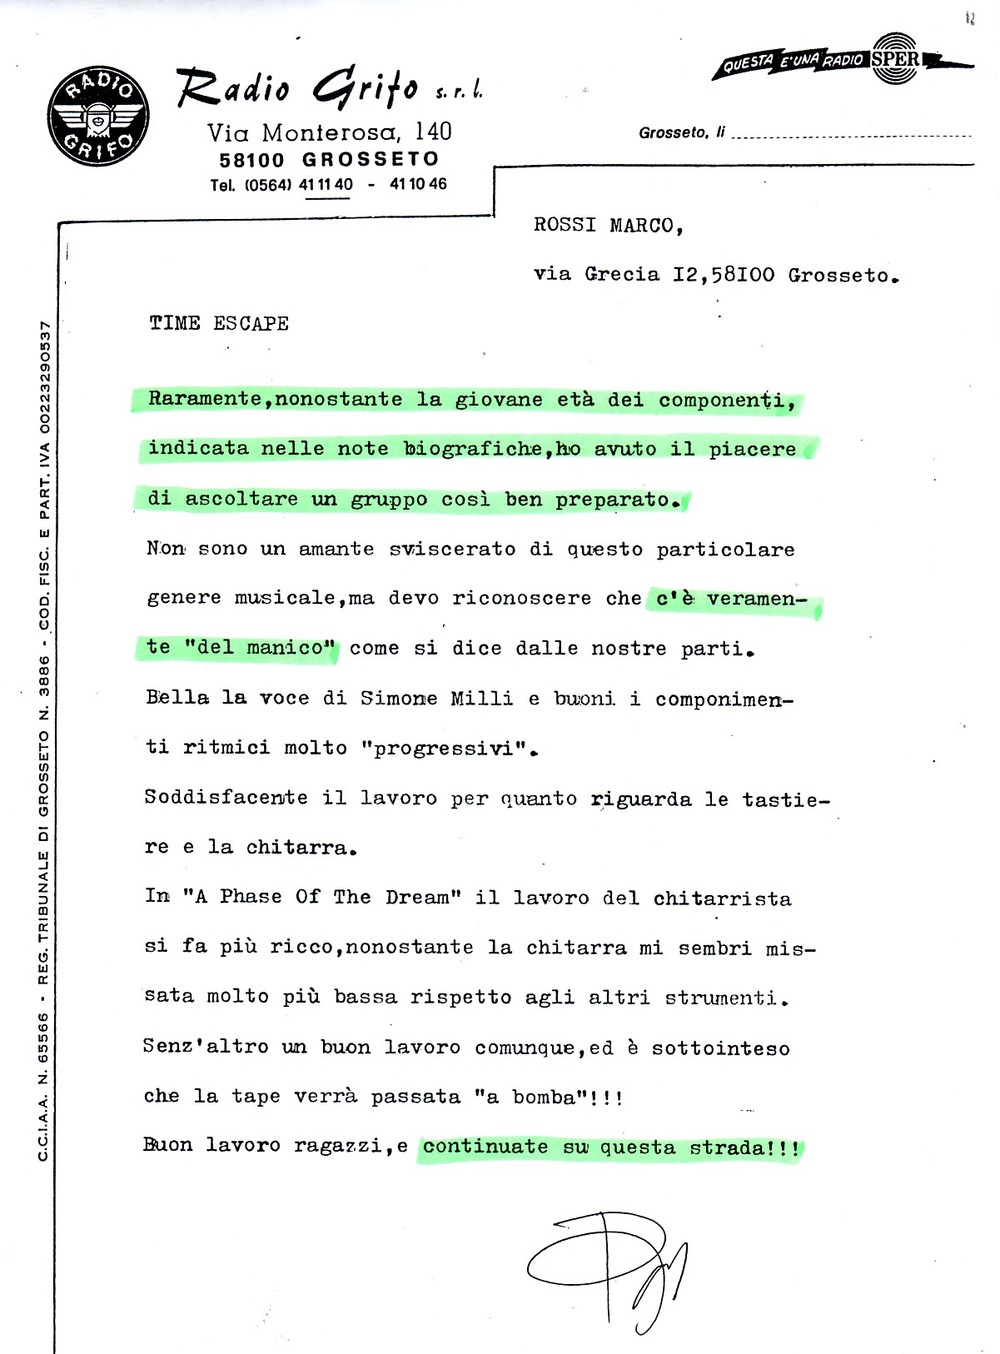 RADIO GRIFO (ITALY) - 1988